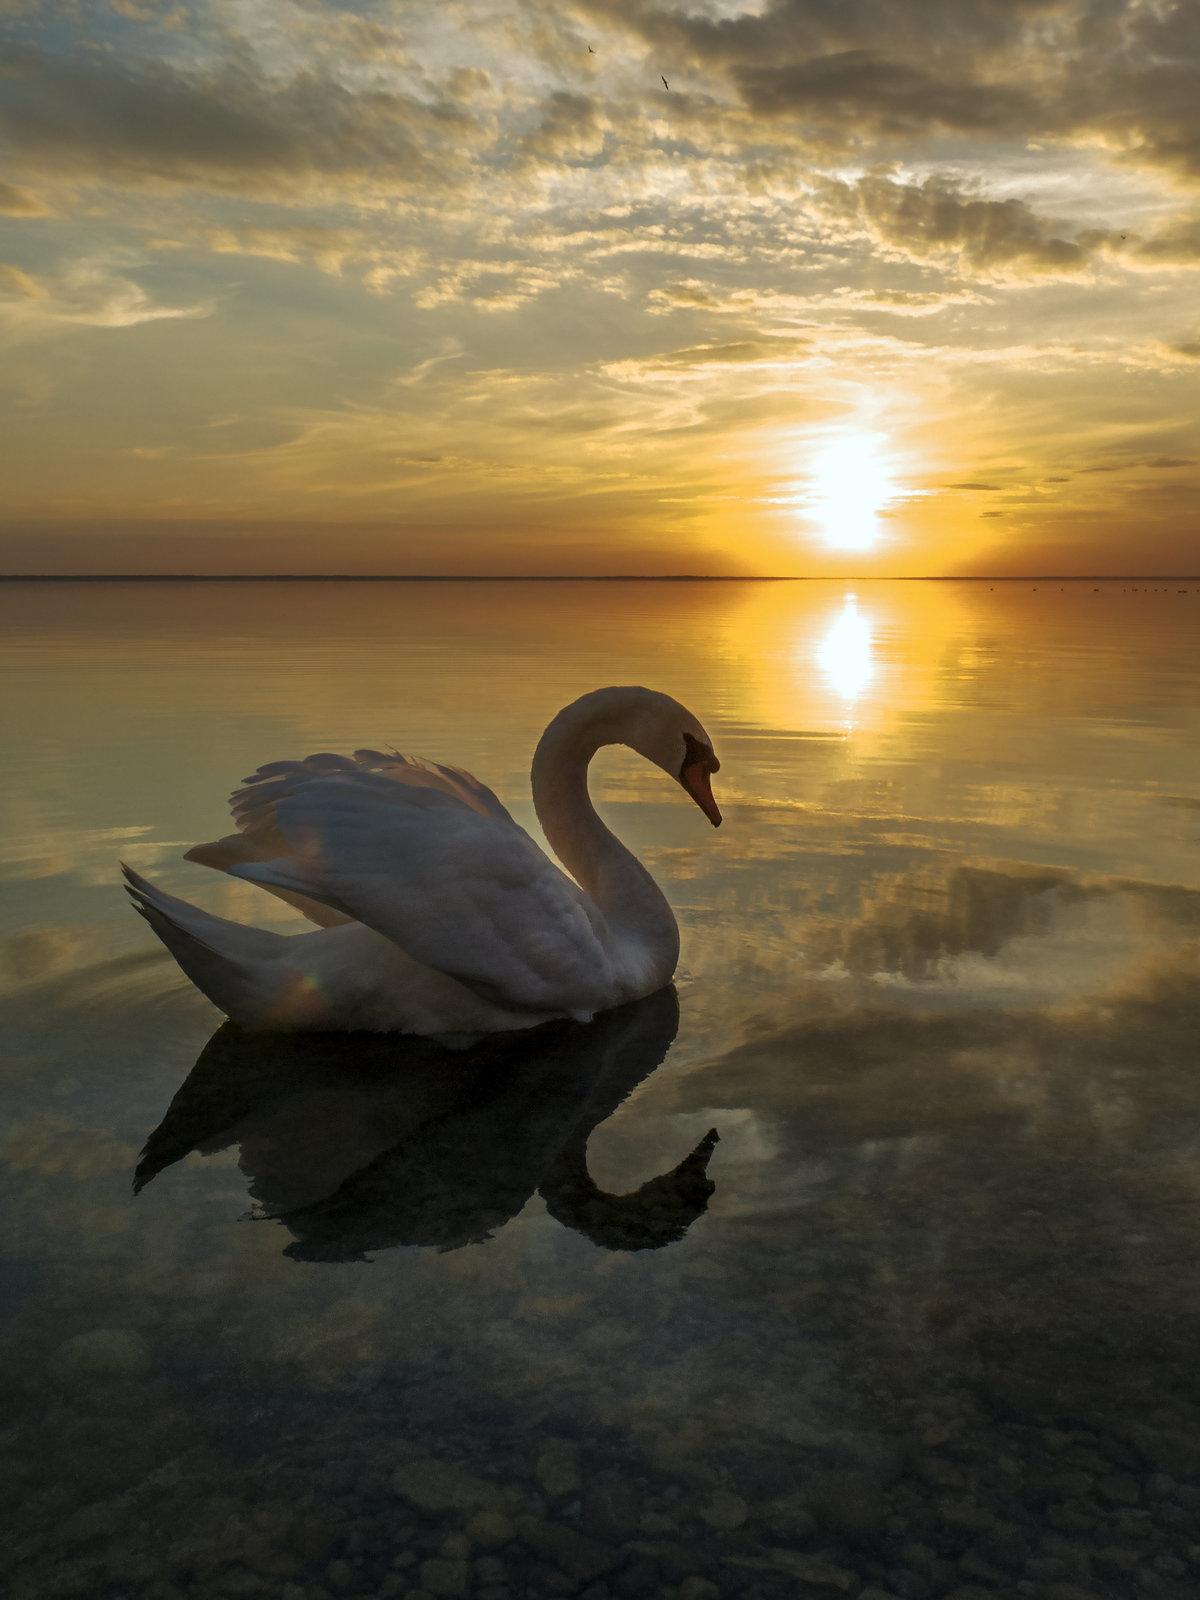 Фото лебеди на закате солнца